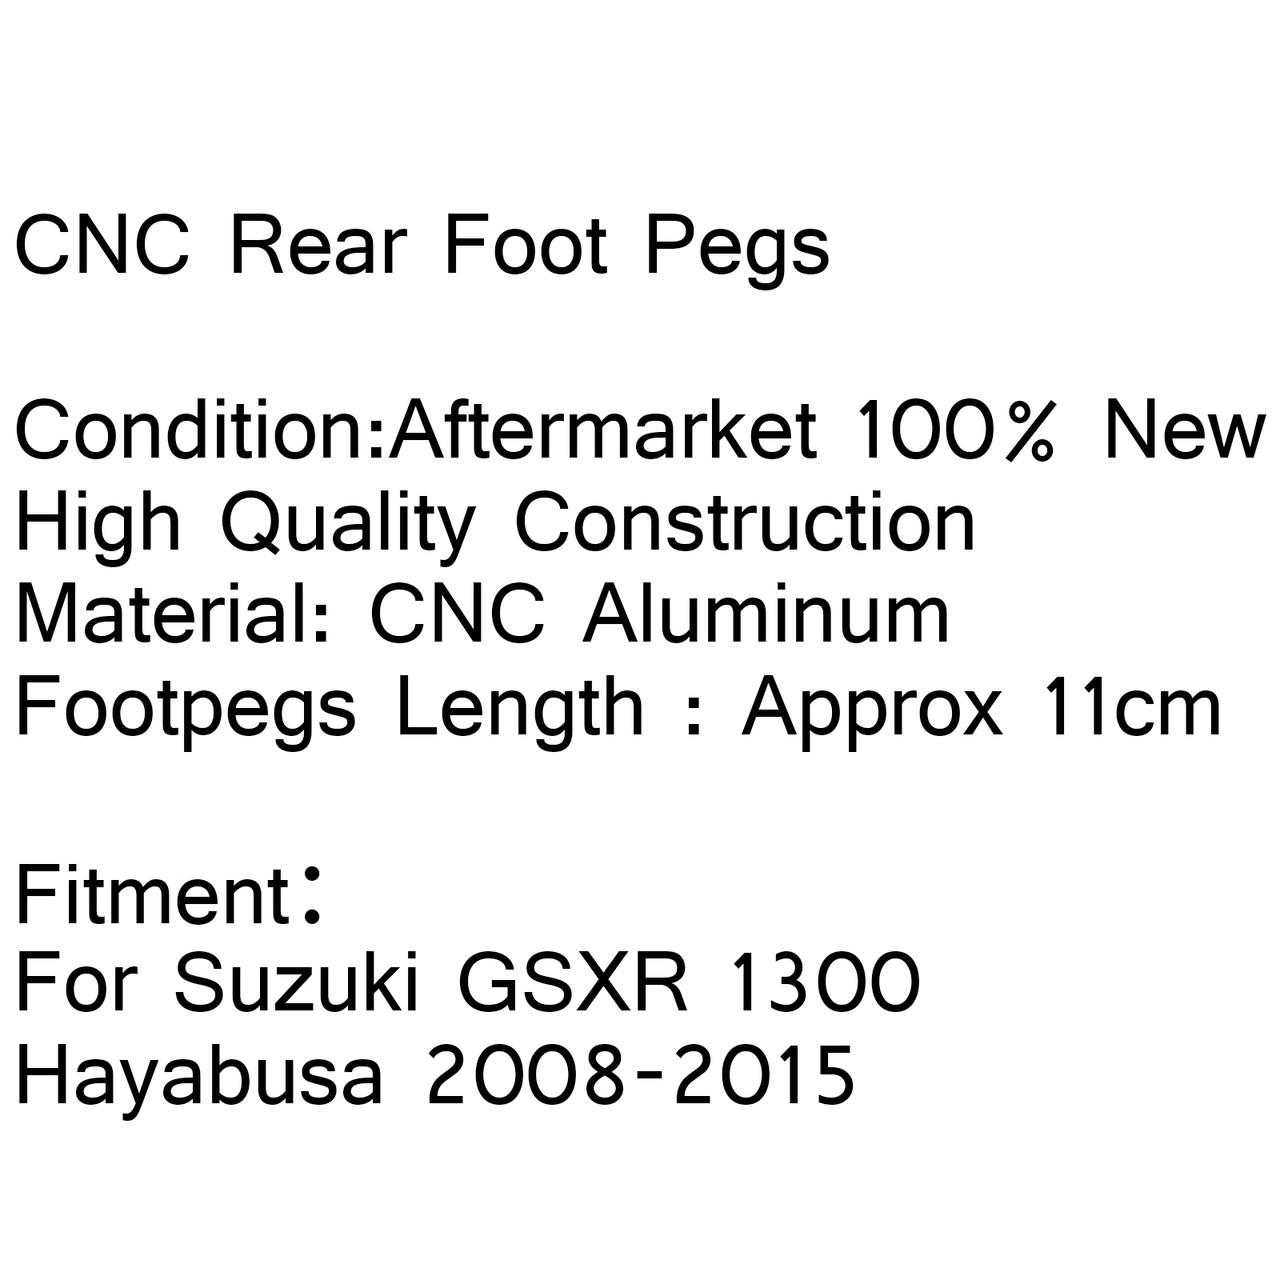 CNC Rear Passenger Footrest Foot Pegs Suzuki GSXR 1300 Hayabusa 2008-2015 Black